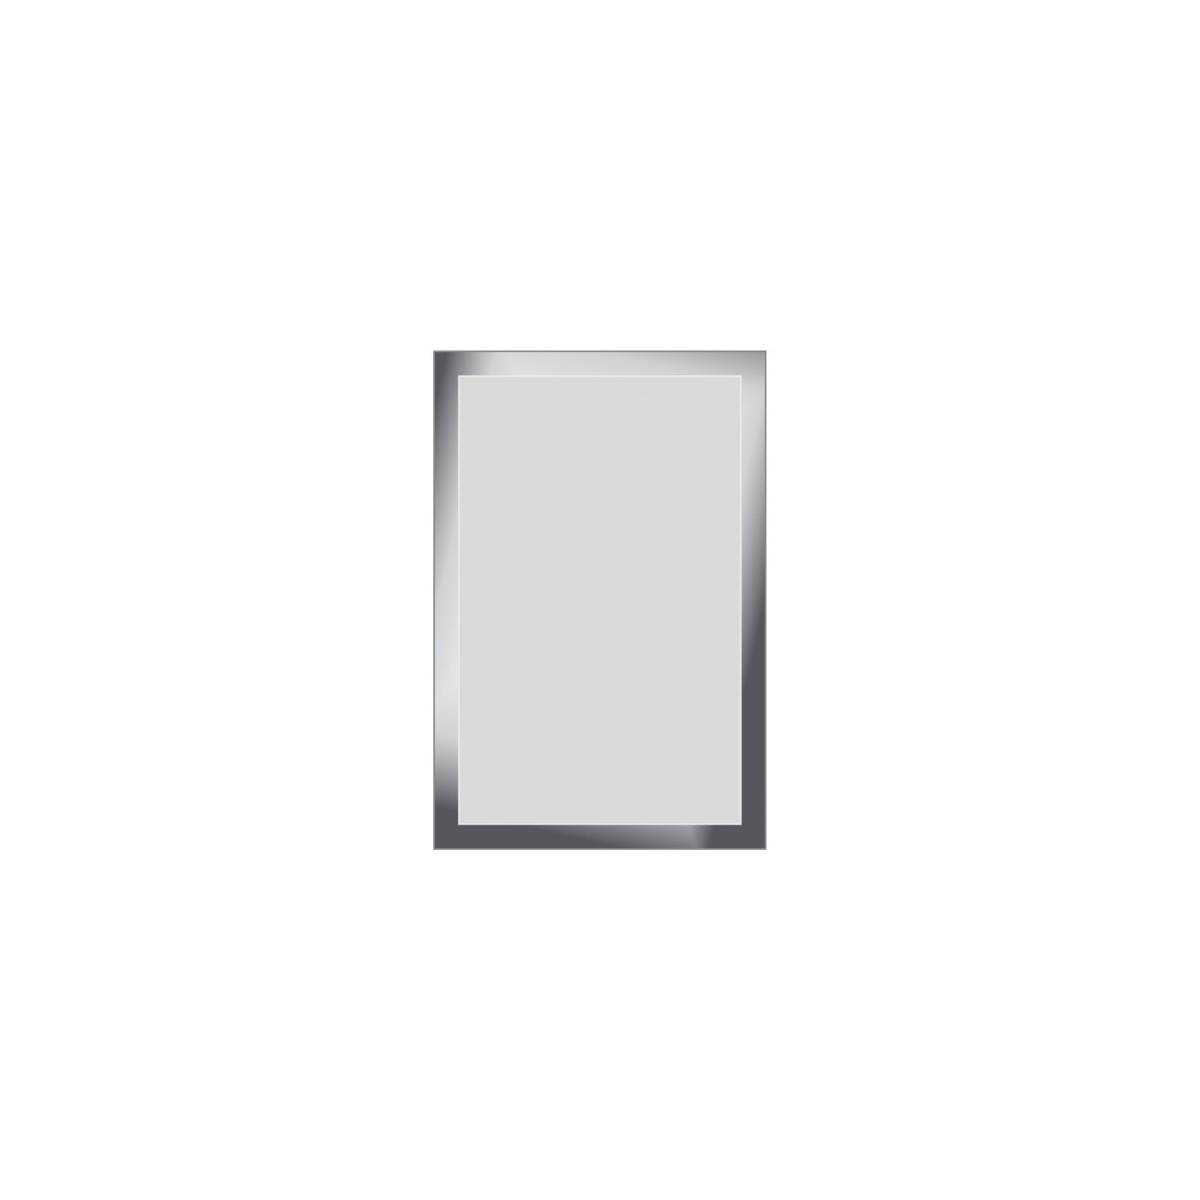 Зеркало со стальной окантовкой (S-503C) S-503C Gatto